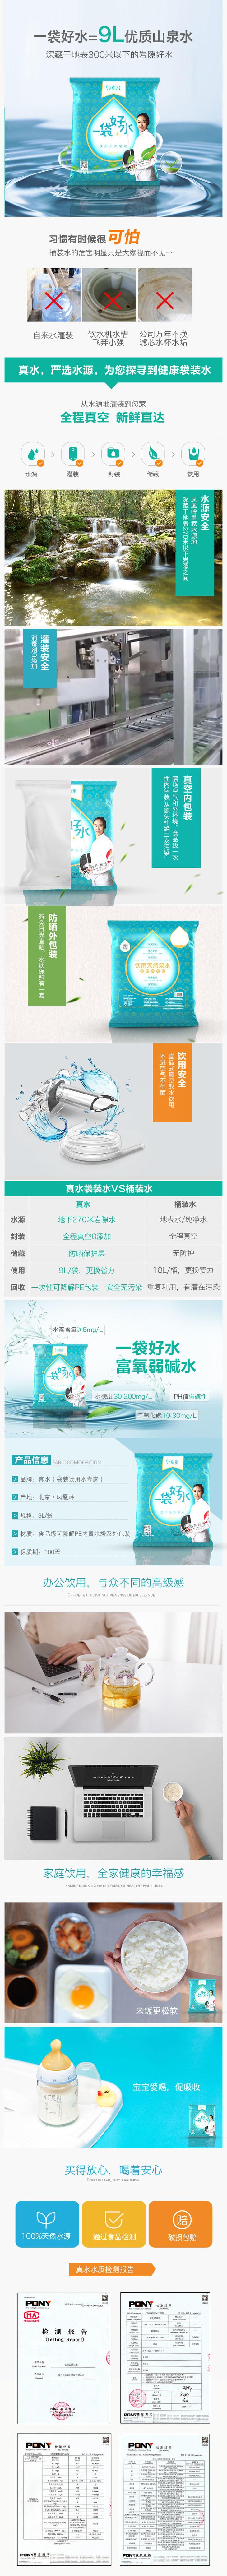 真水工程袋装水,一袋好水(6袋起送)北京袋装水